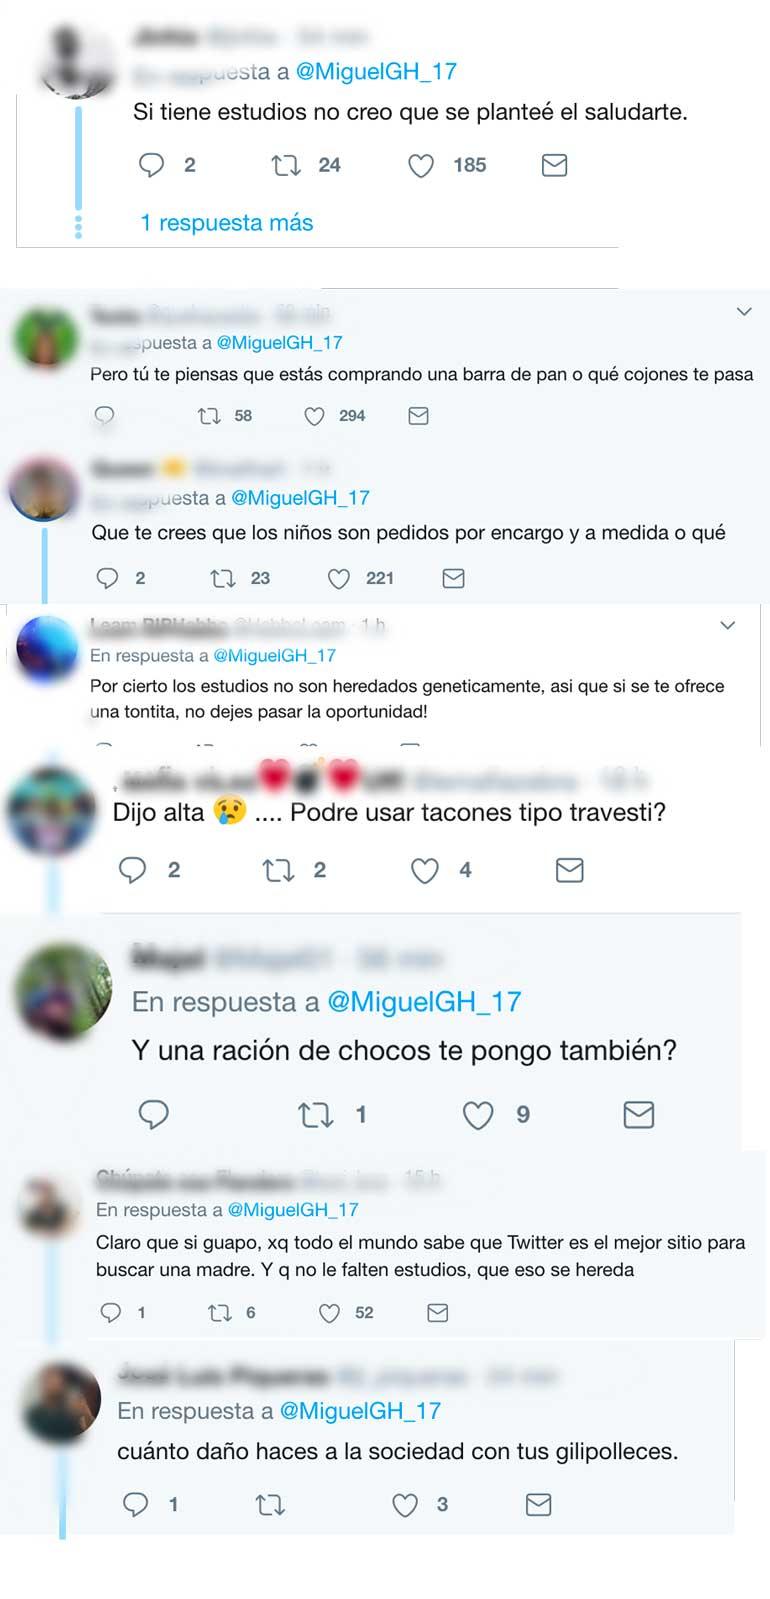 tuitsmiguel